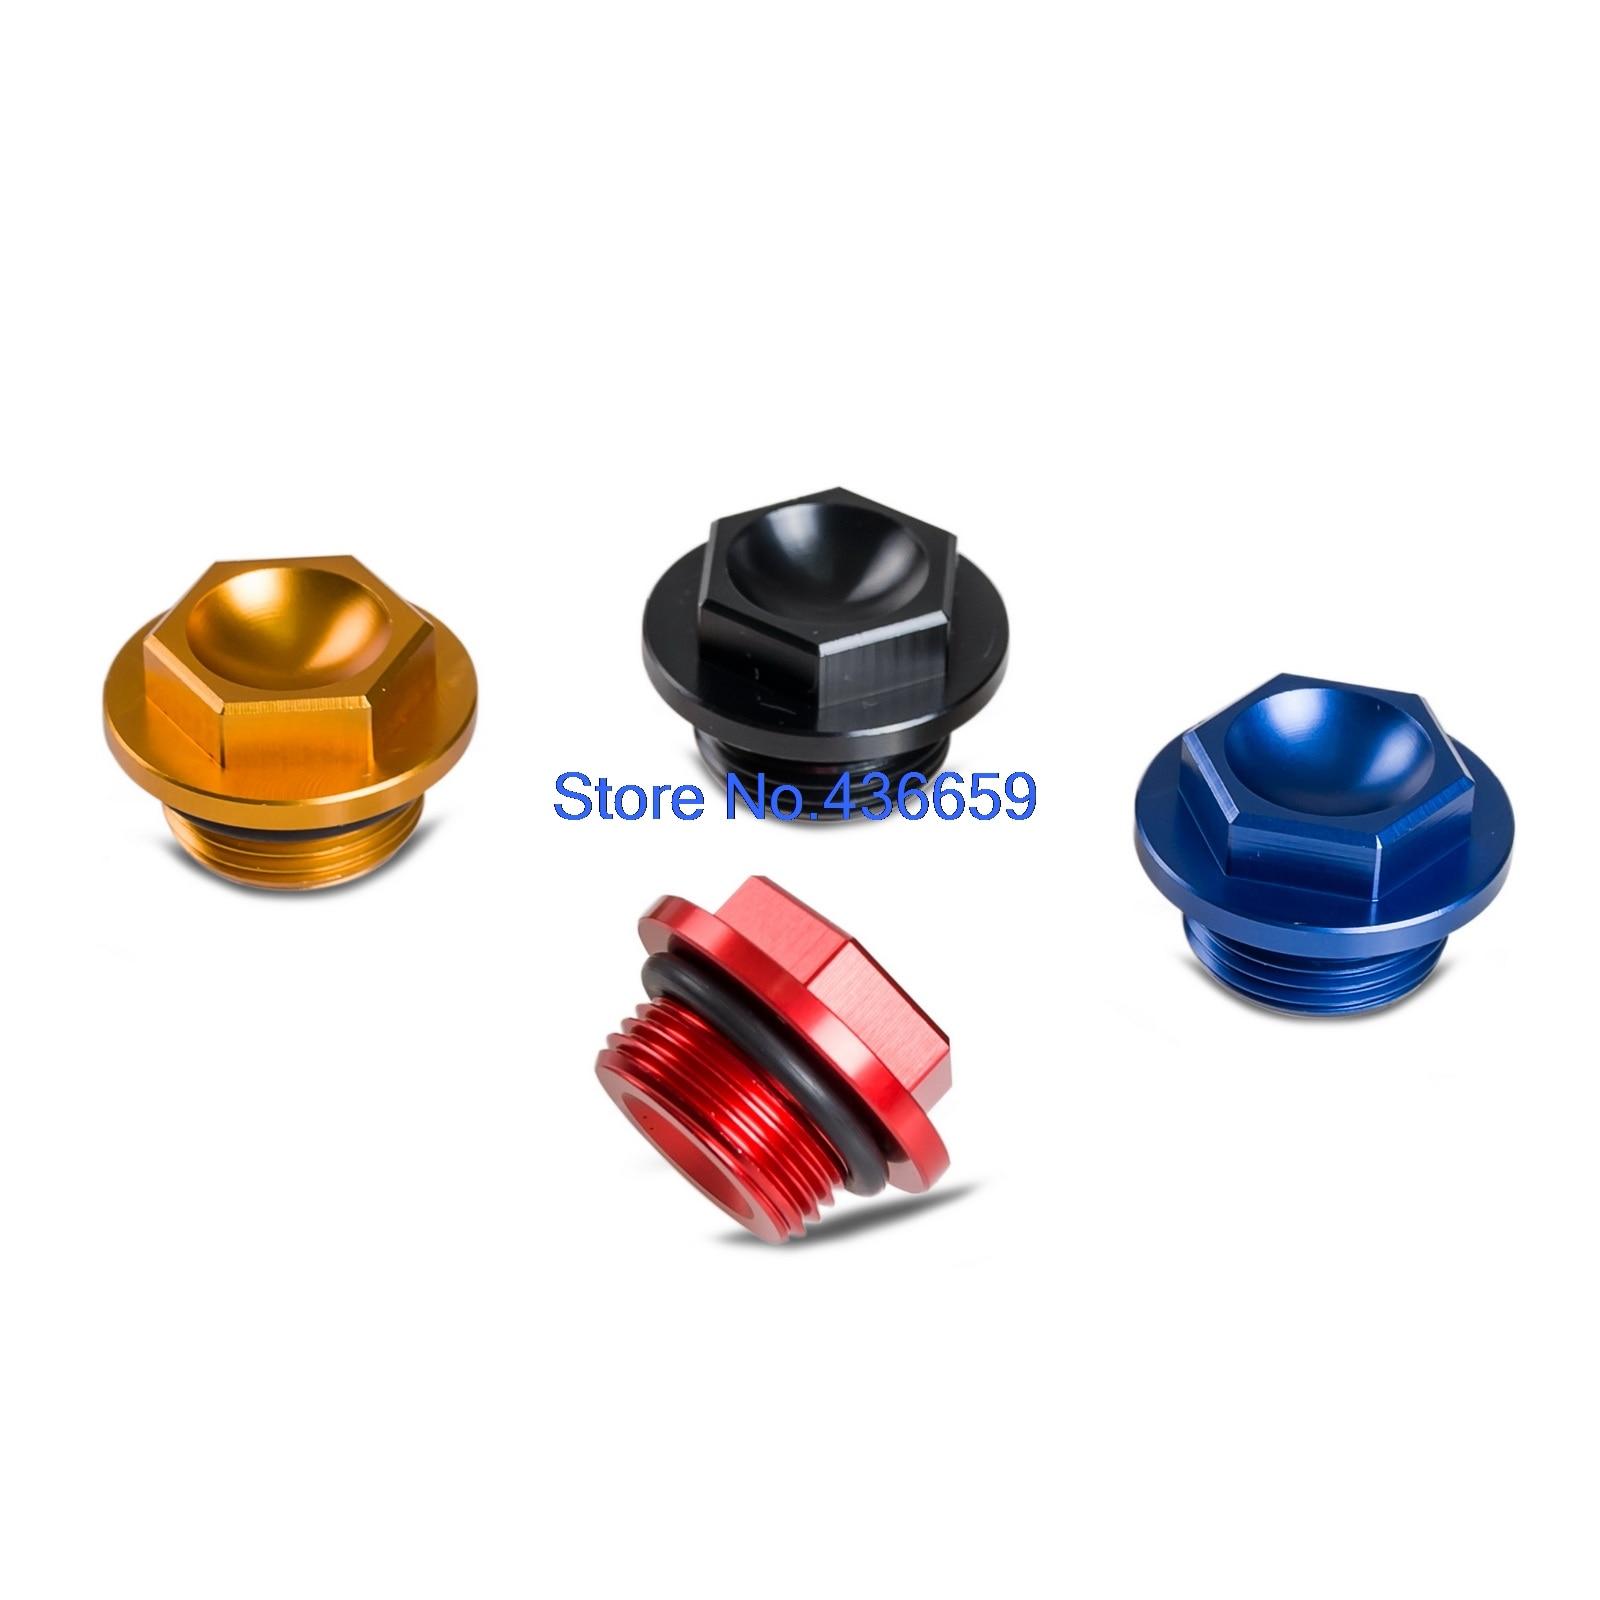 Motos CNC Huile Bouchon Plug Pour Suzuki LTR450 LT-R450 RMZ250 RM-Z250 RM-Z450 RMZ450 RMX450Z RM80 RM85 RM 80 85